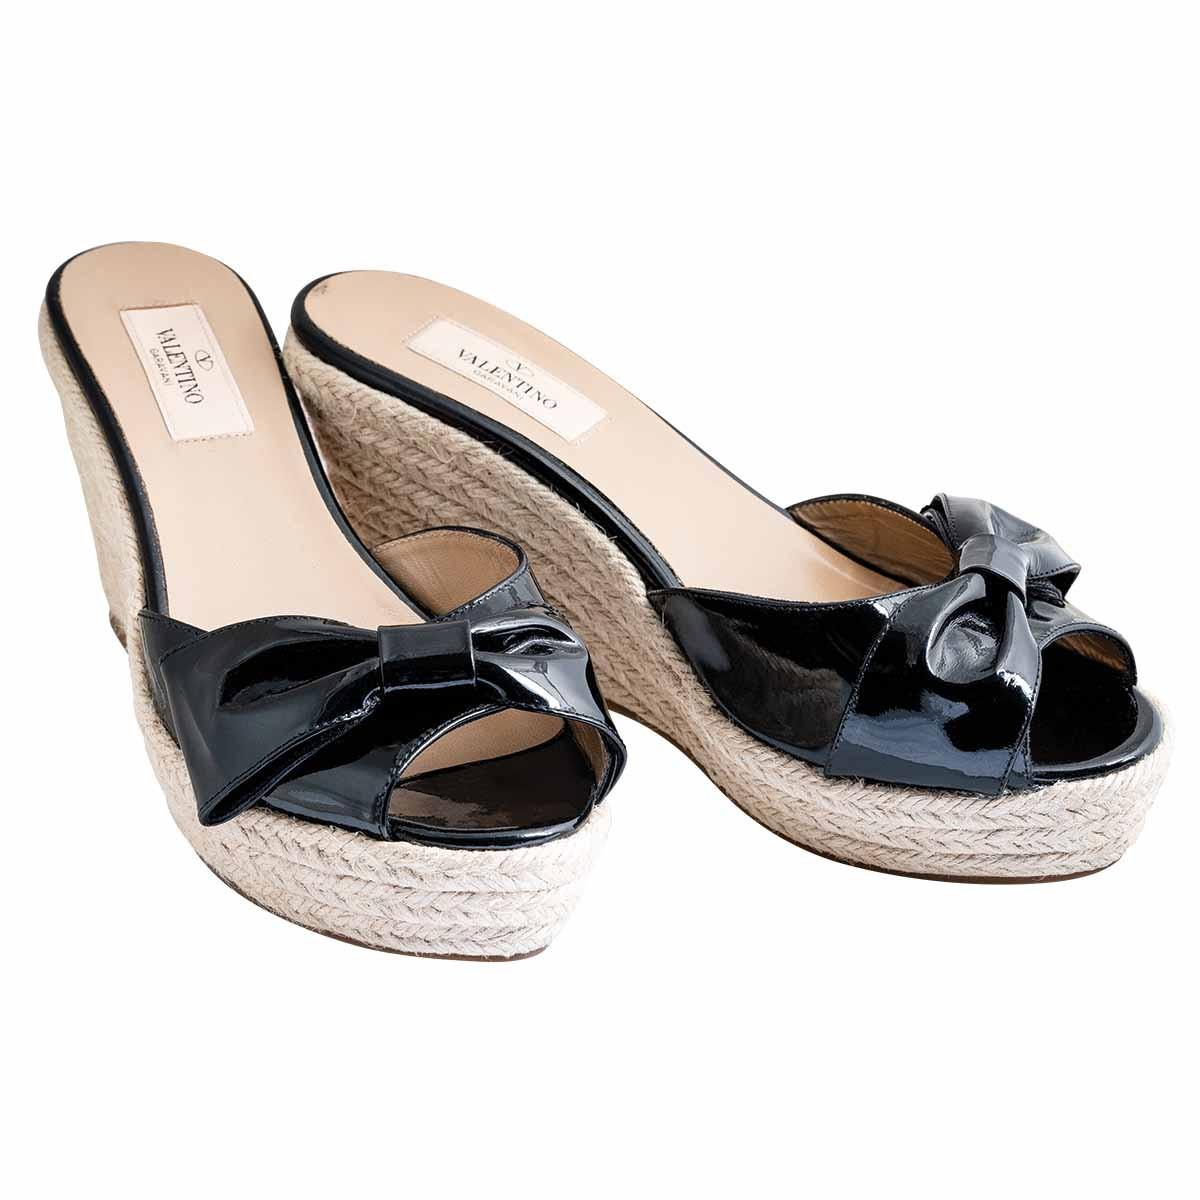 Vintage Valentino Bow Sandle Heels